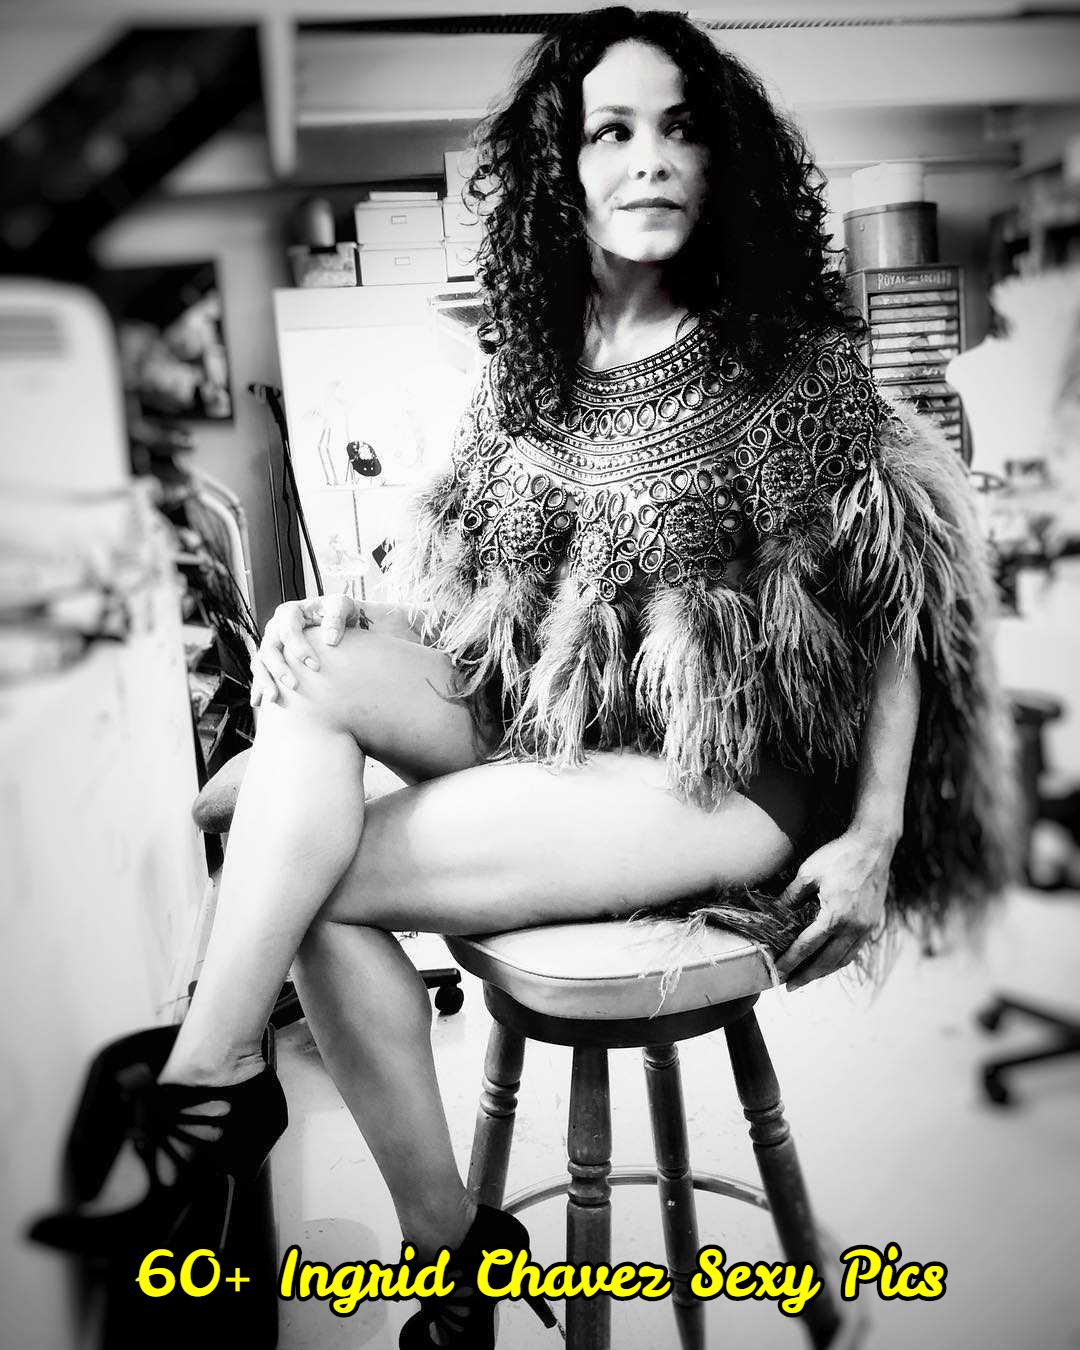 Ingrid Chavez hot thigh